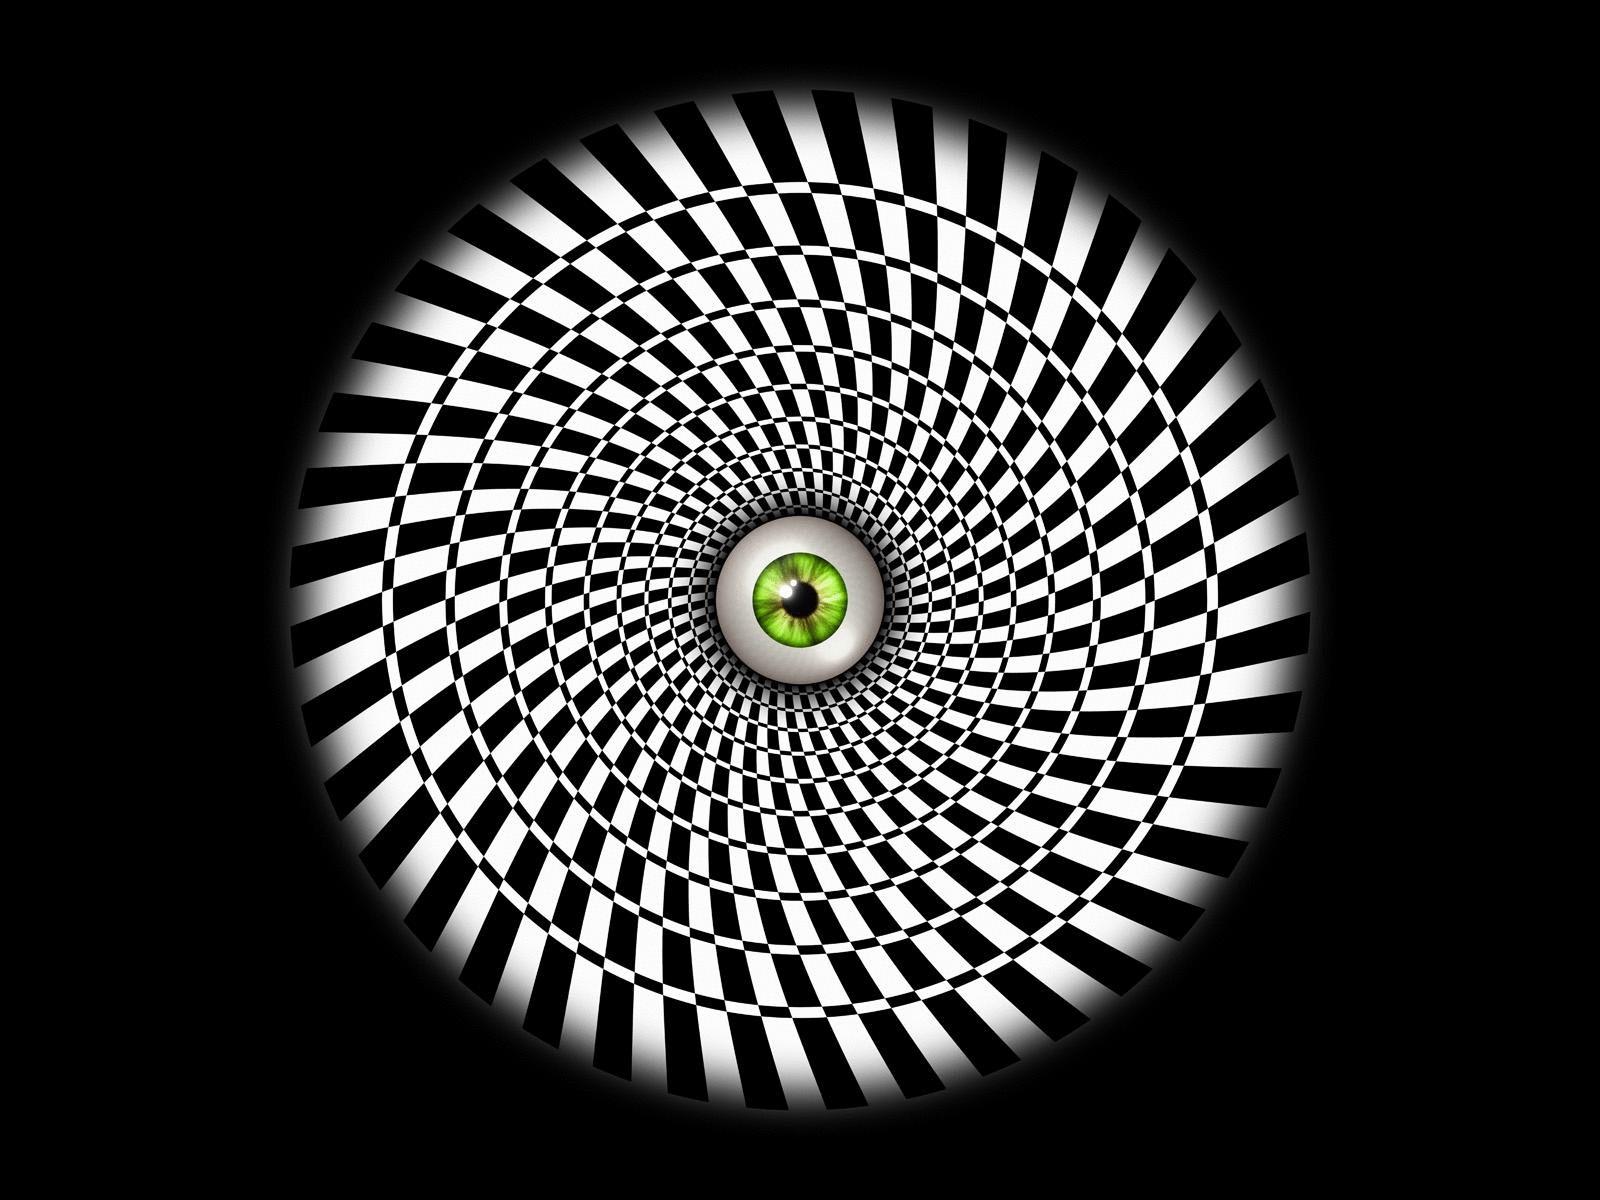 Как научиться гипнозу: самостоятельно, в домашних условиях 64